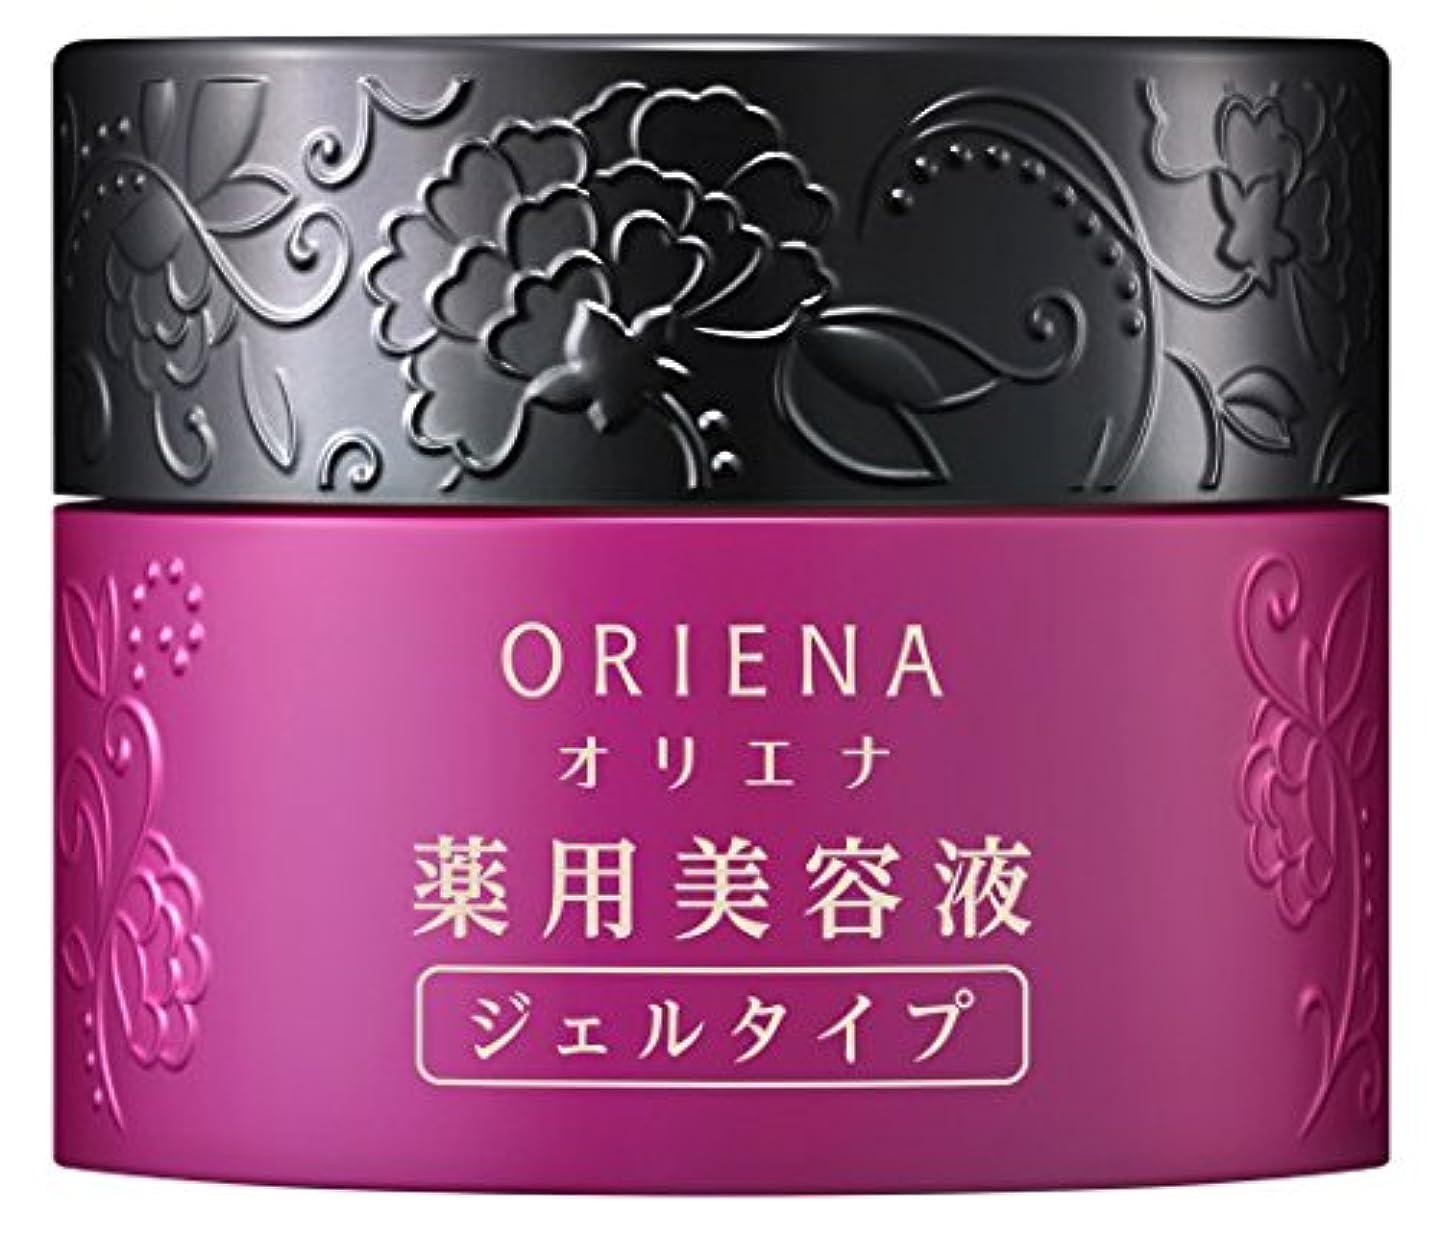 非常に怒っています不合格積極的に花王 オリエナ 薬用美容液 ジェルタイプ 30g